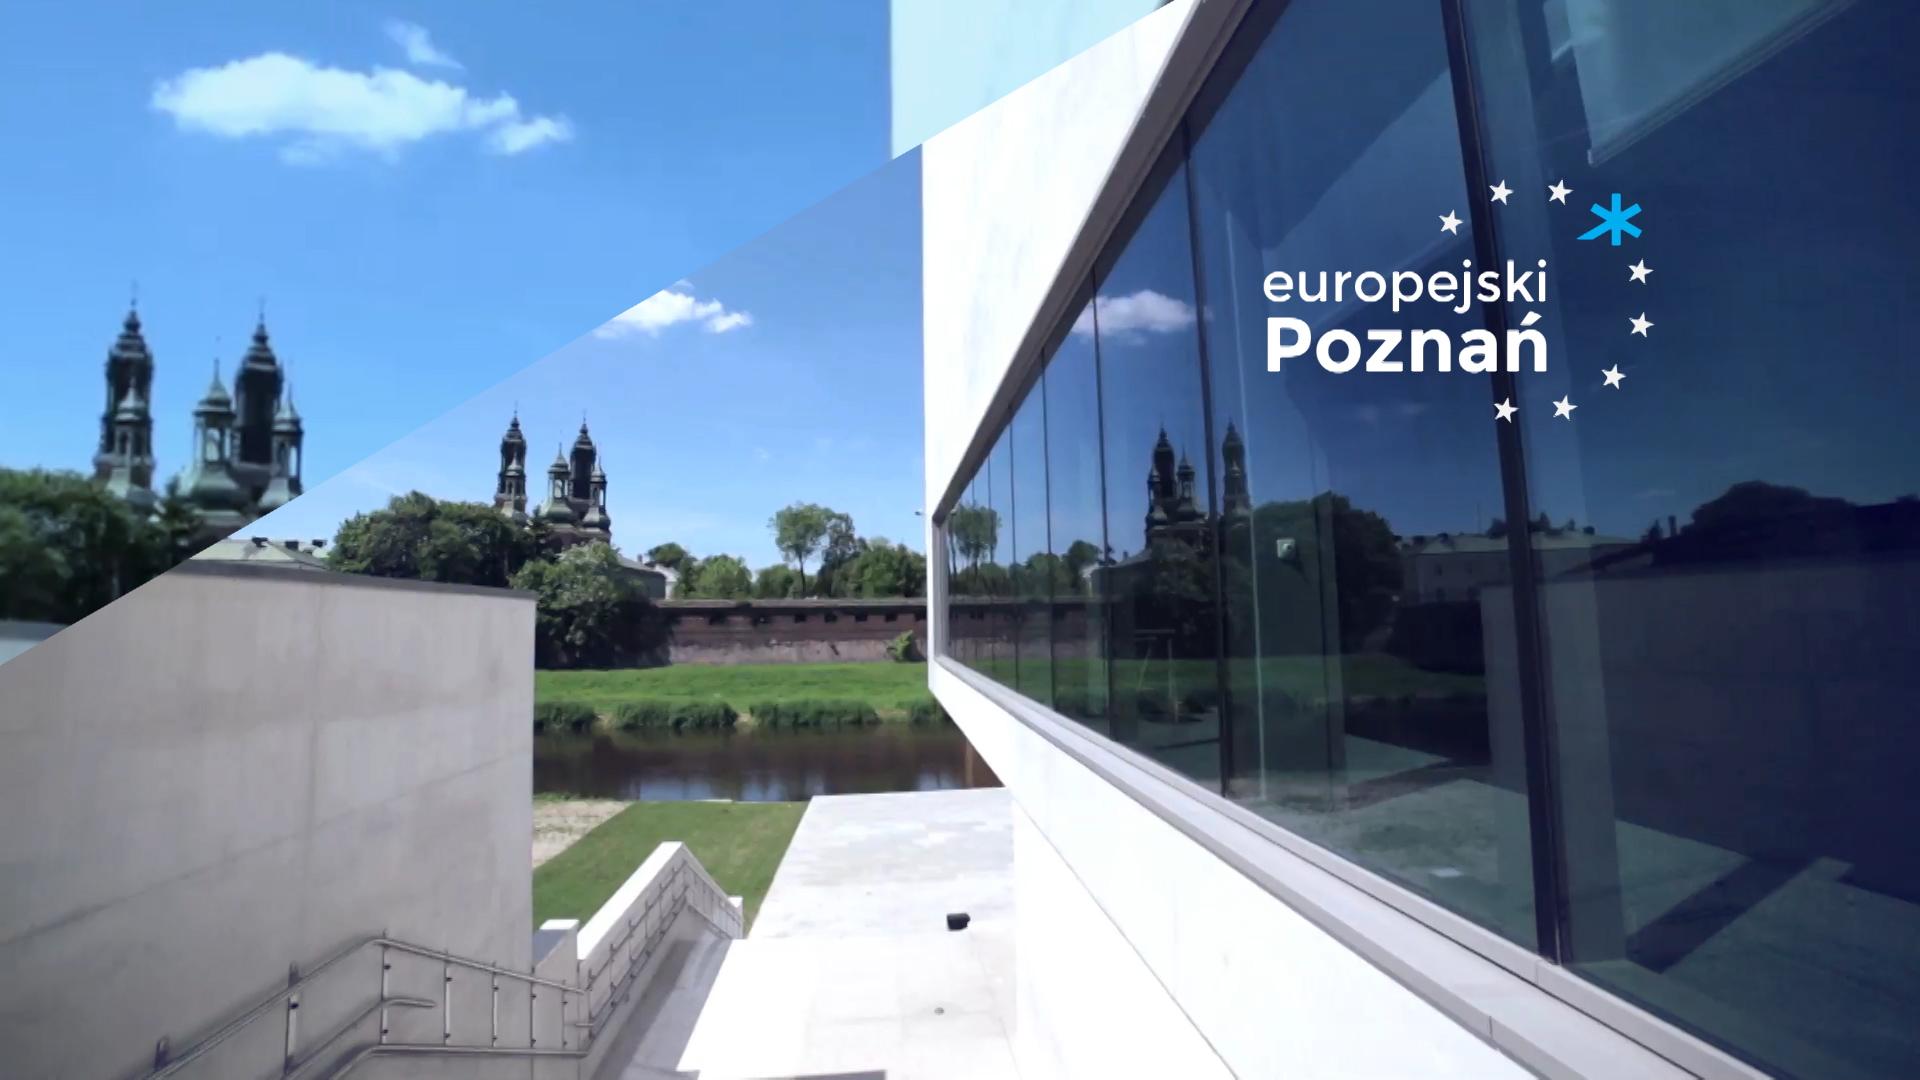 """""""Europejski Poznań"""" - czołówka"""